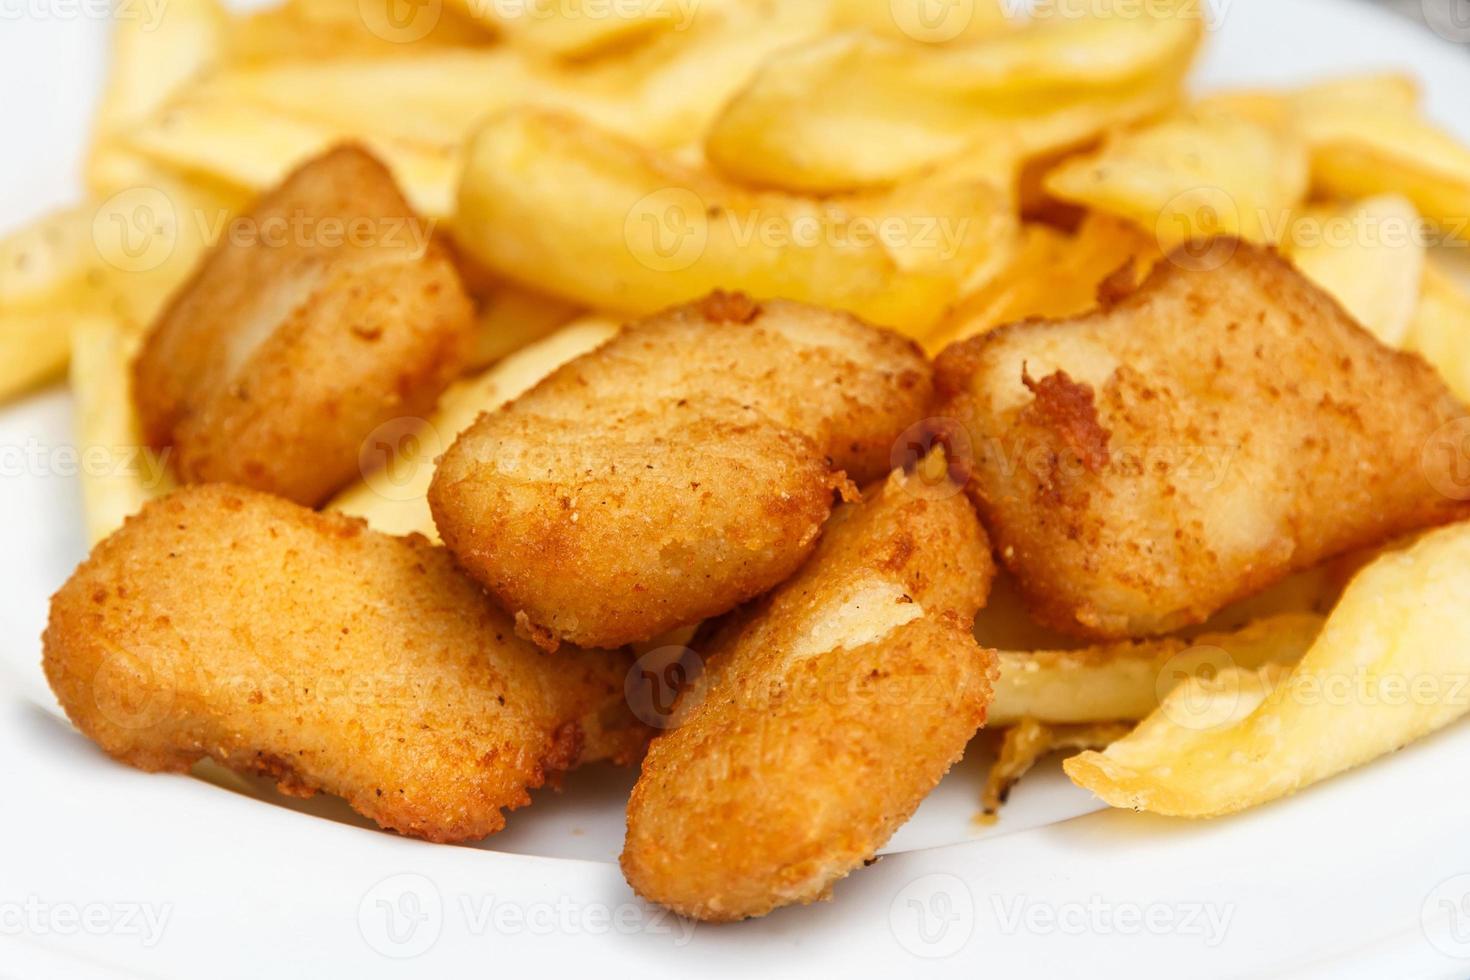 nuggets de pollo frito dorado foto